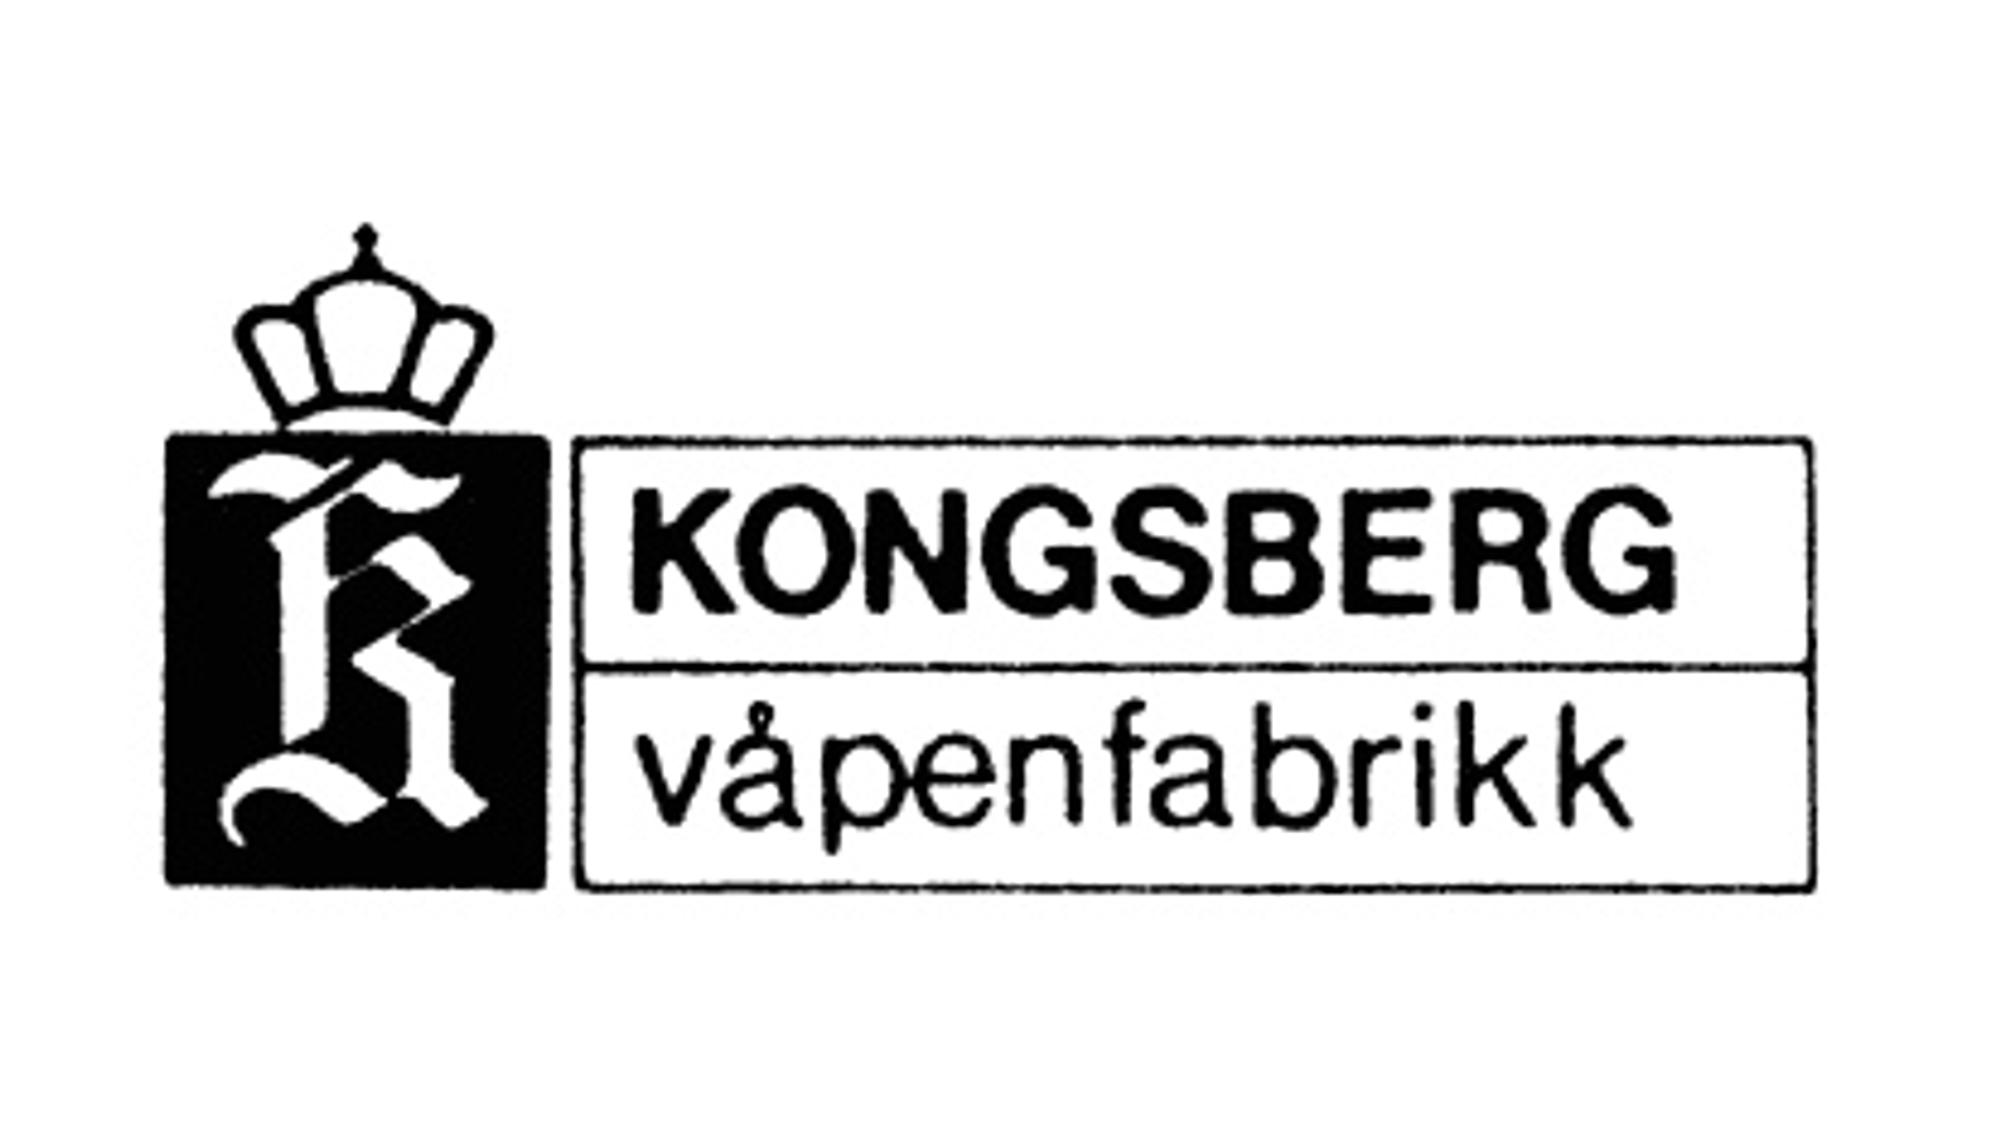 Gammel logo fra Kongsberg våpenfabrikks tids.